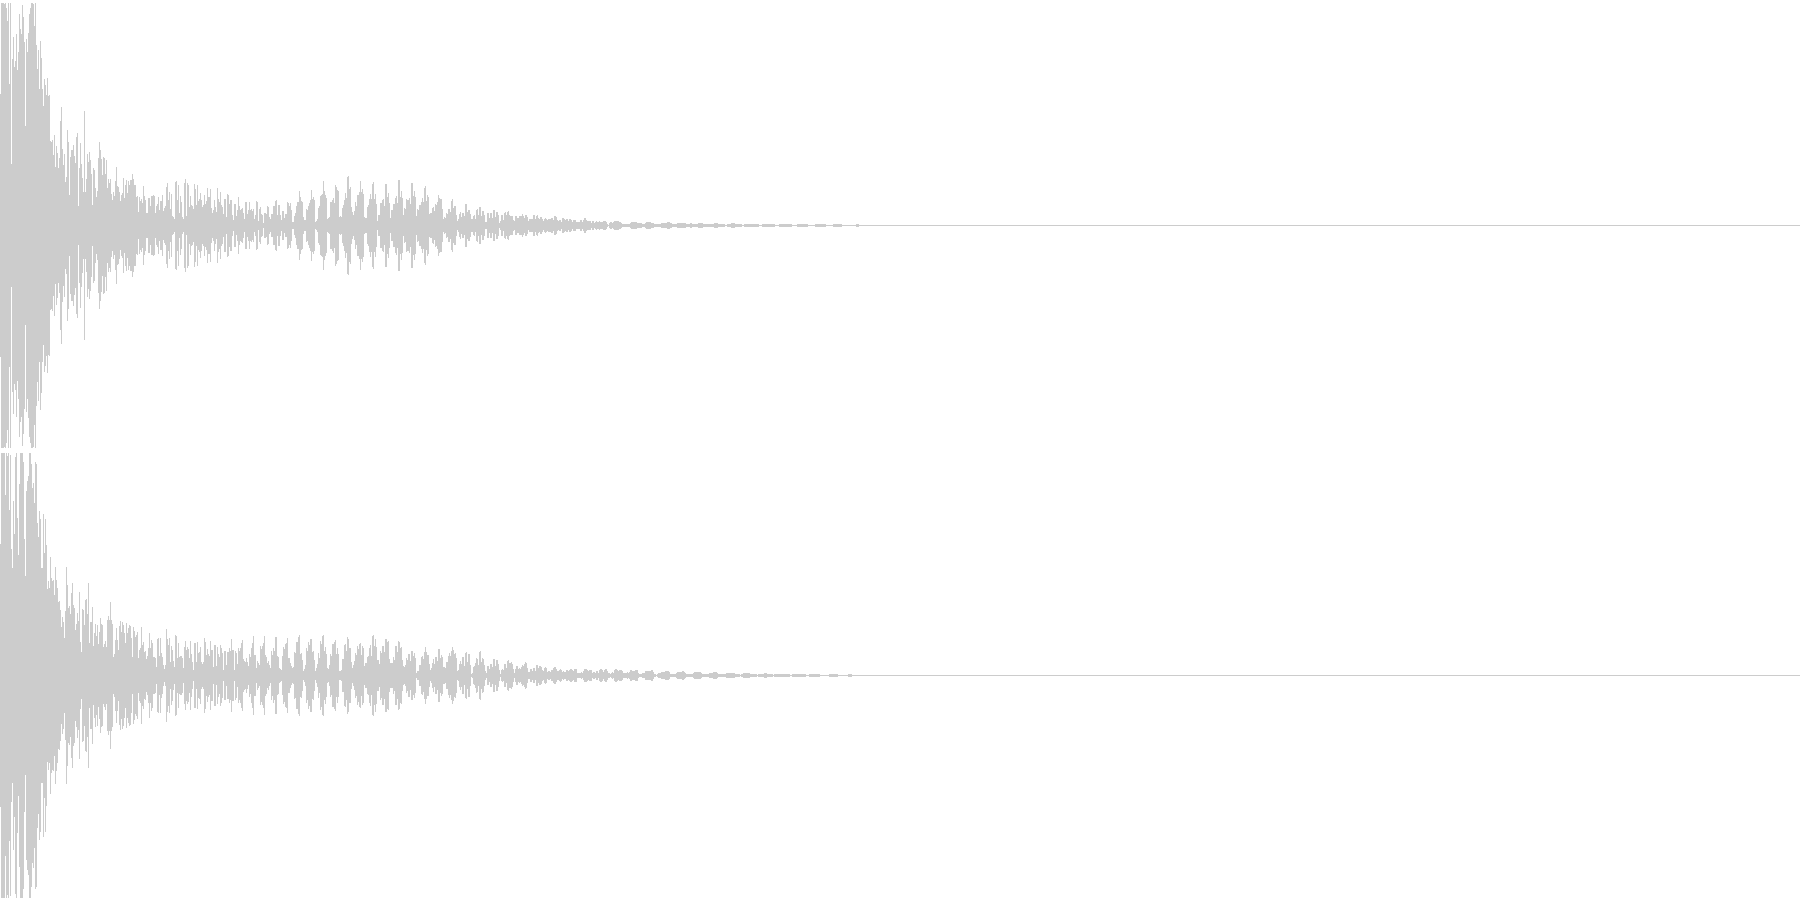 BASIC BEAM RIFLE 銃撃音の未再生の波形